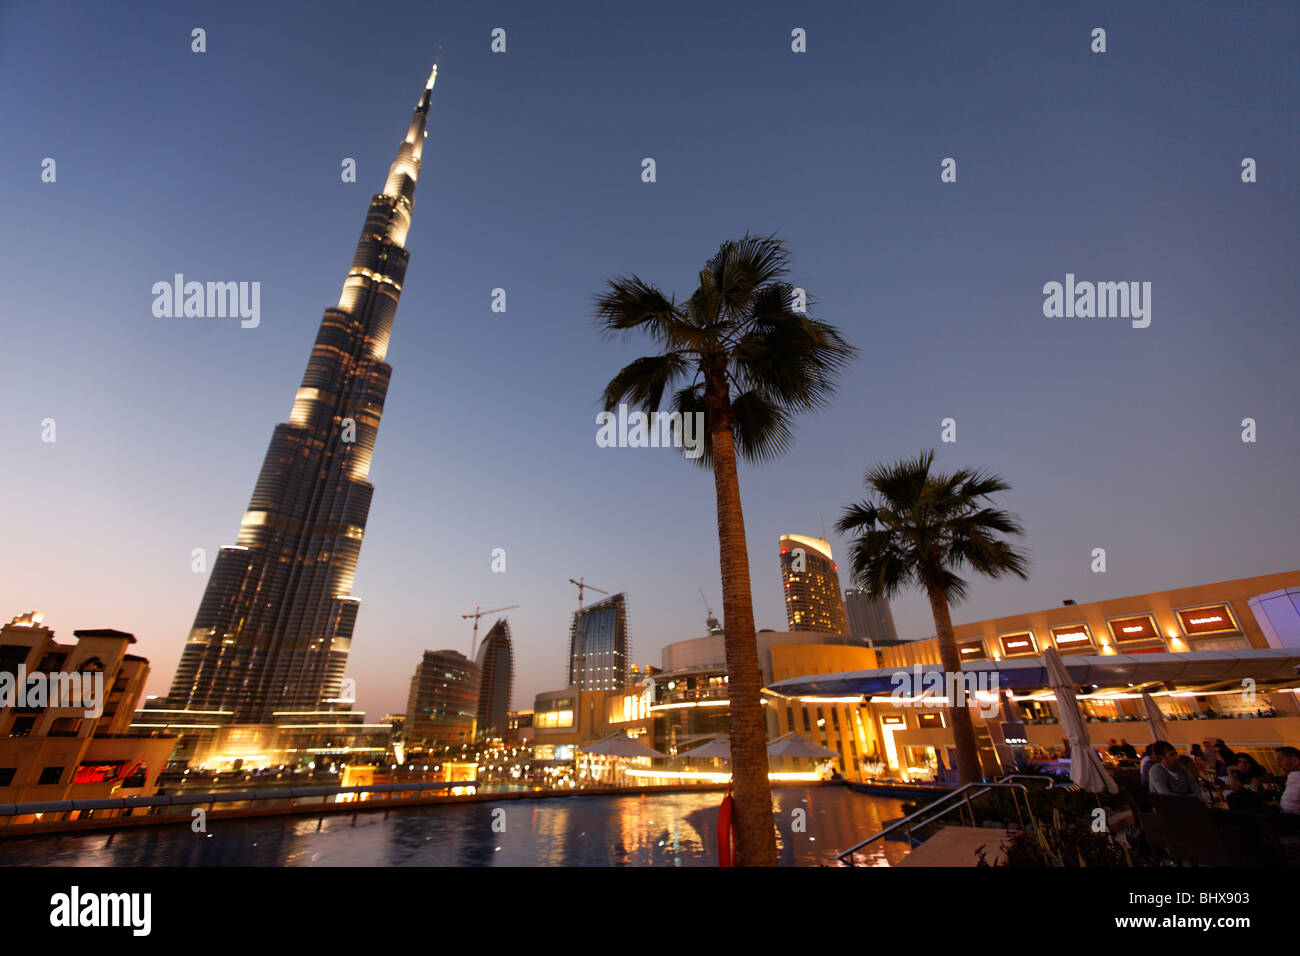 Burj Khalifa, plus haut gratte ciel du monde, 828 mètres, le Burj Dubai, Dubai Mall, Emirats arabes unis Photo Stock